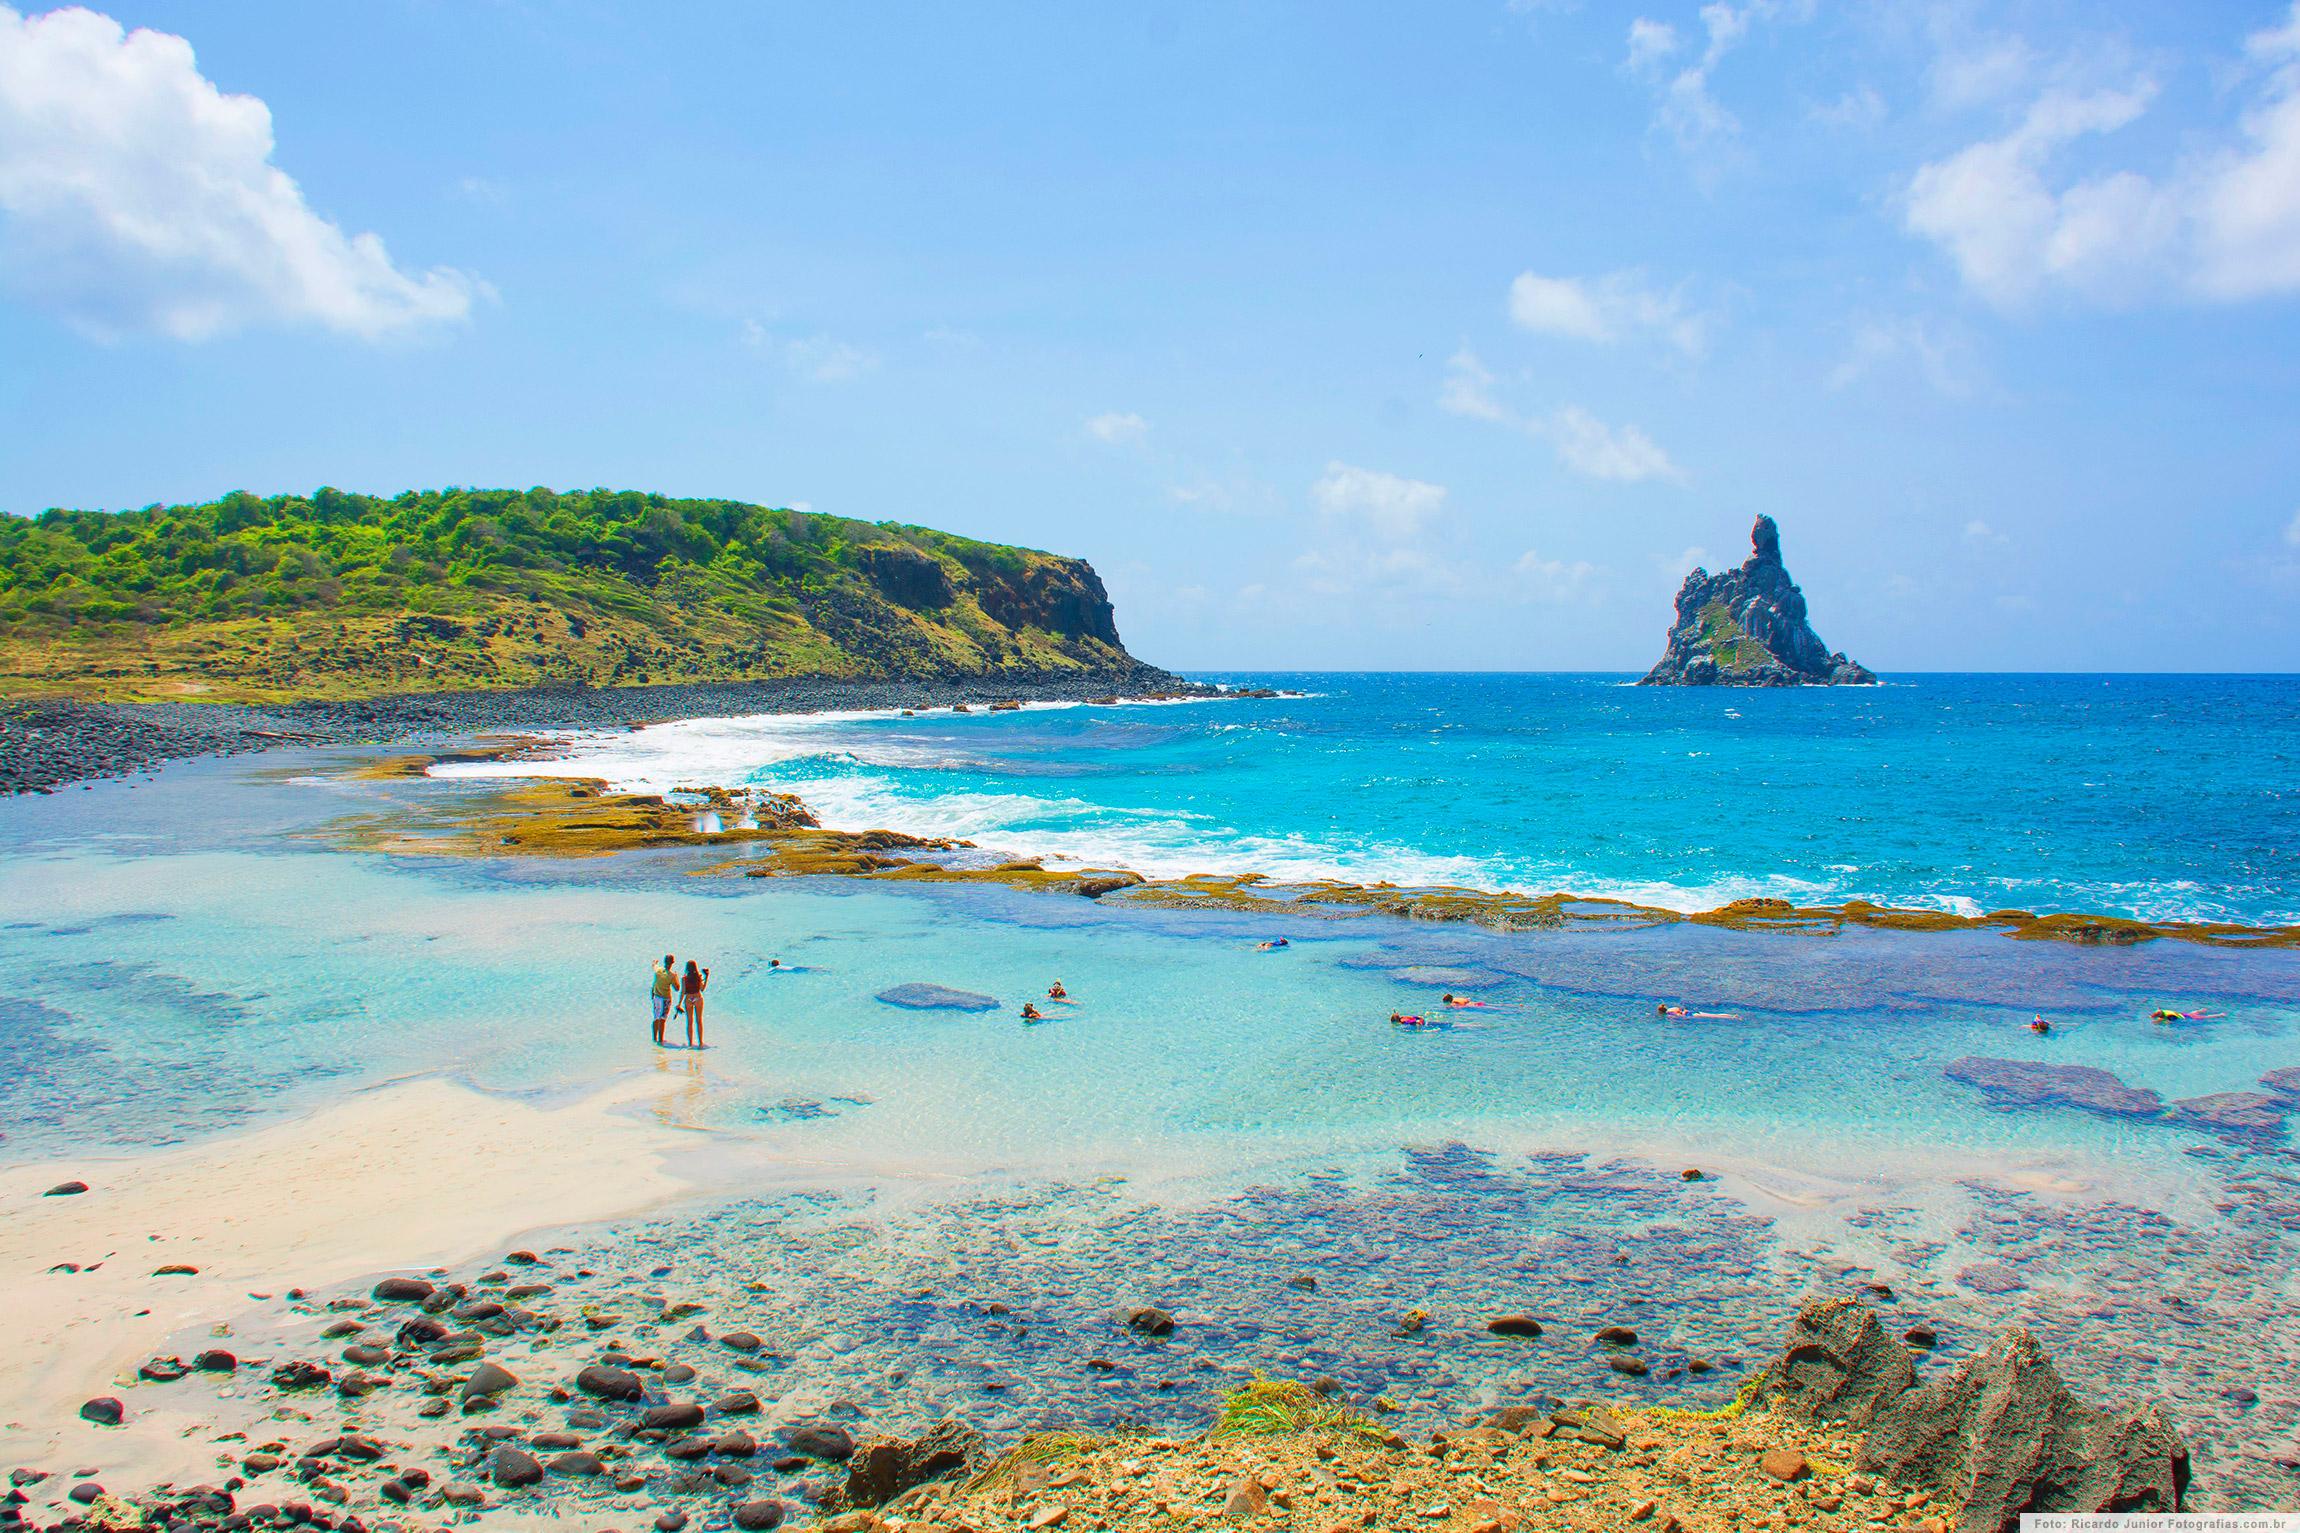 foto-ricardo-junior-praia-do-atalaia-fernando-de-noronha-mergulho-e-mirante